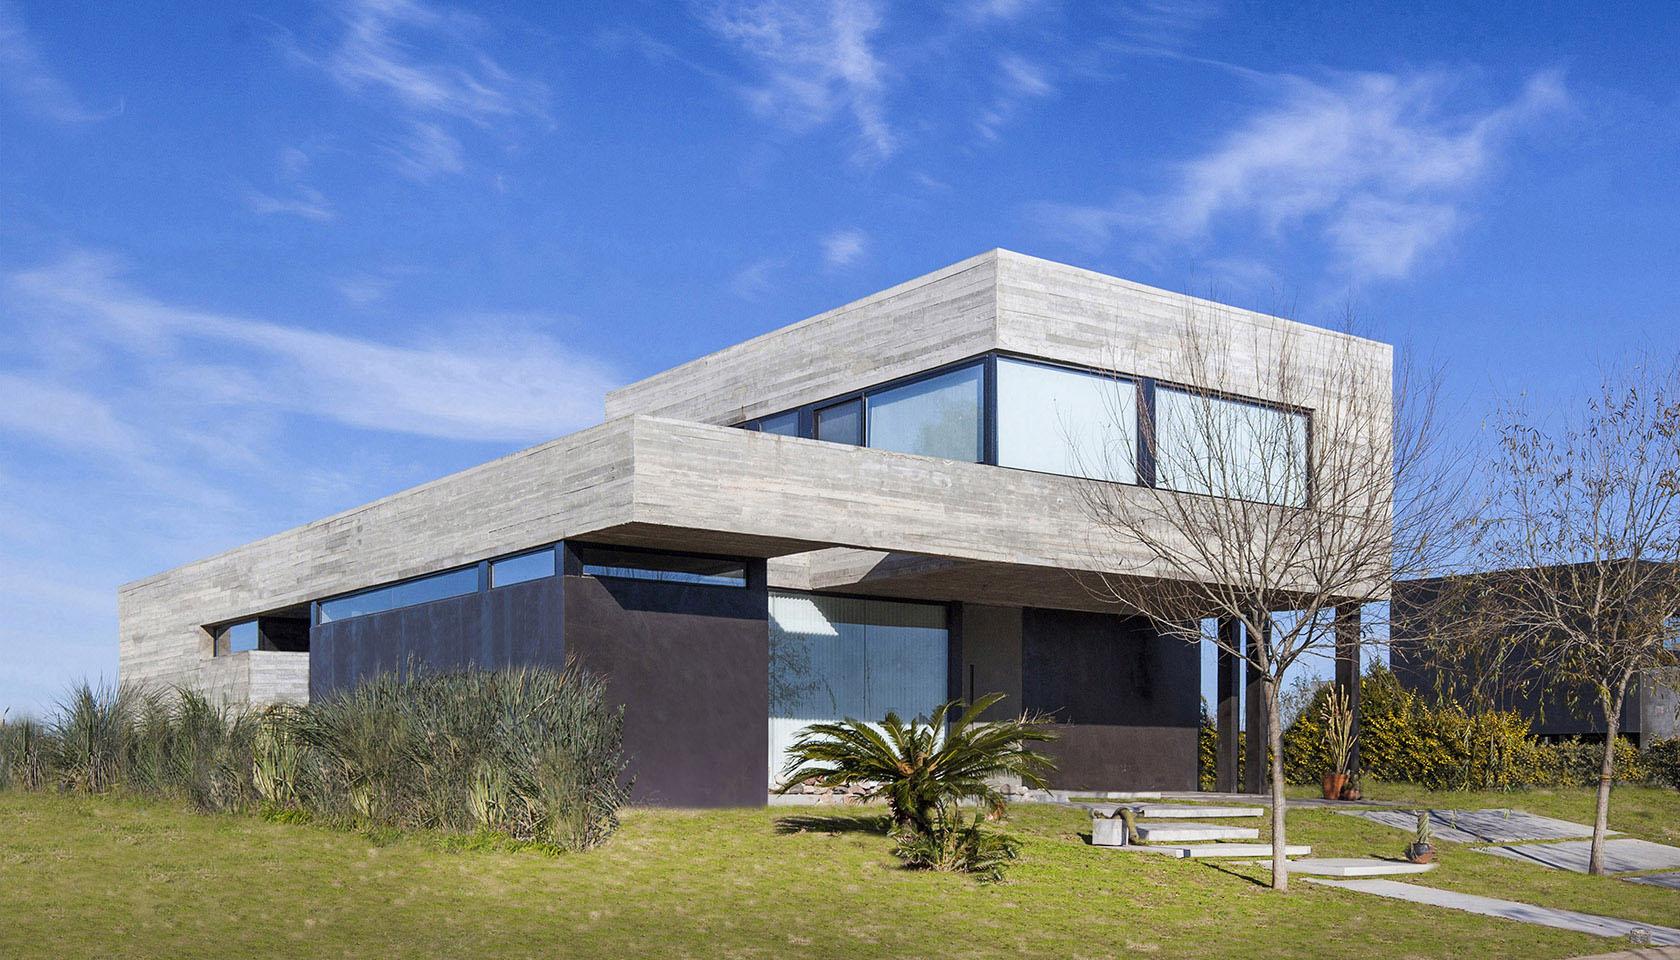 Fachadas de hormigón y tarquini, casas contemporáneas, casas con fachadas modernas